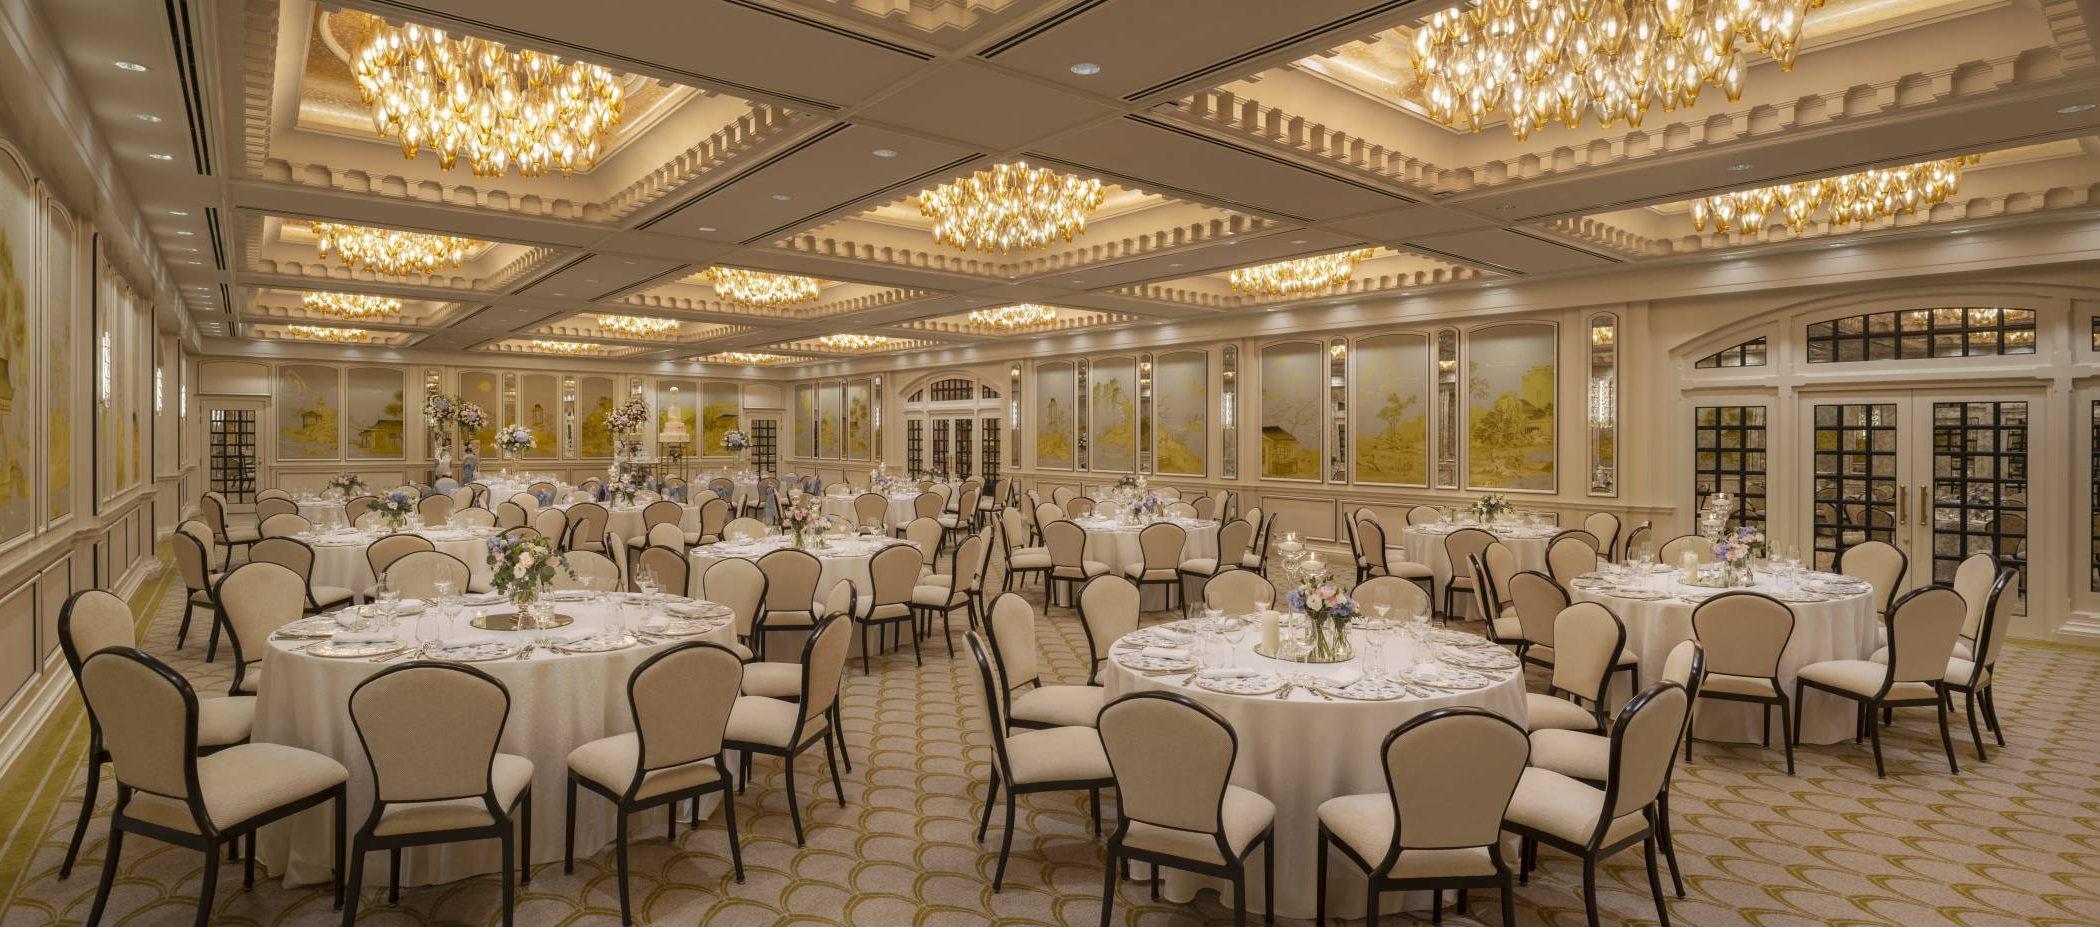 Raffles Singapore - Palm Ballroom